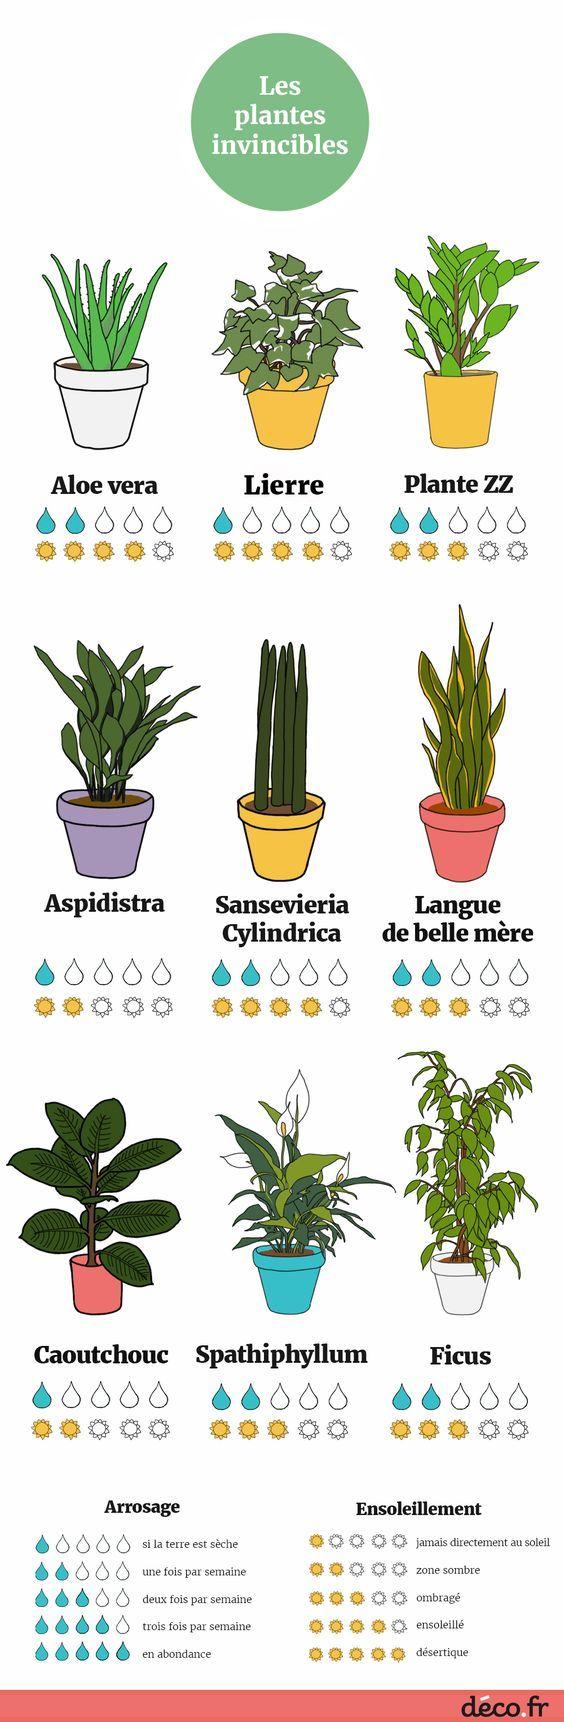 Infographie : les 9 plantes increvables